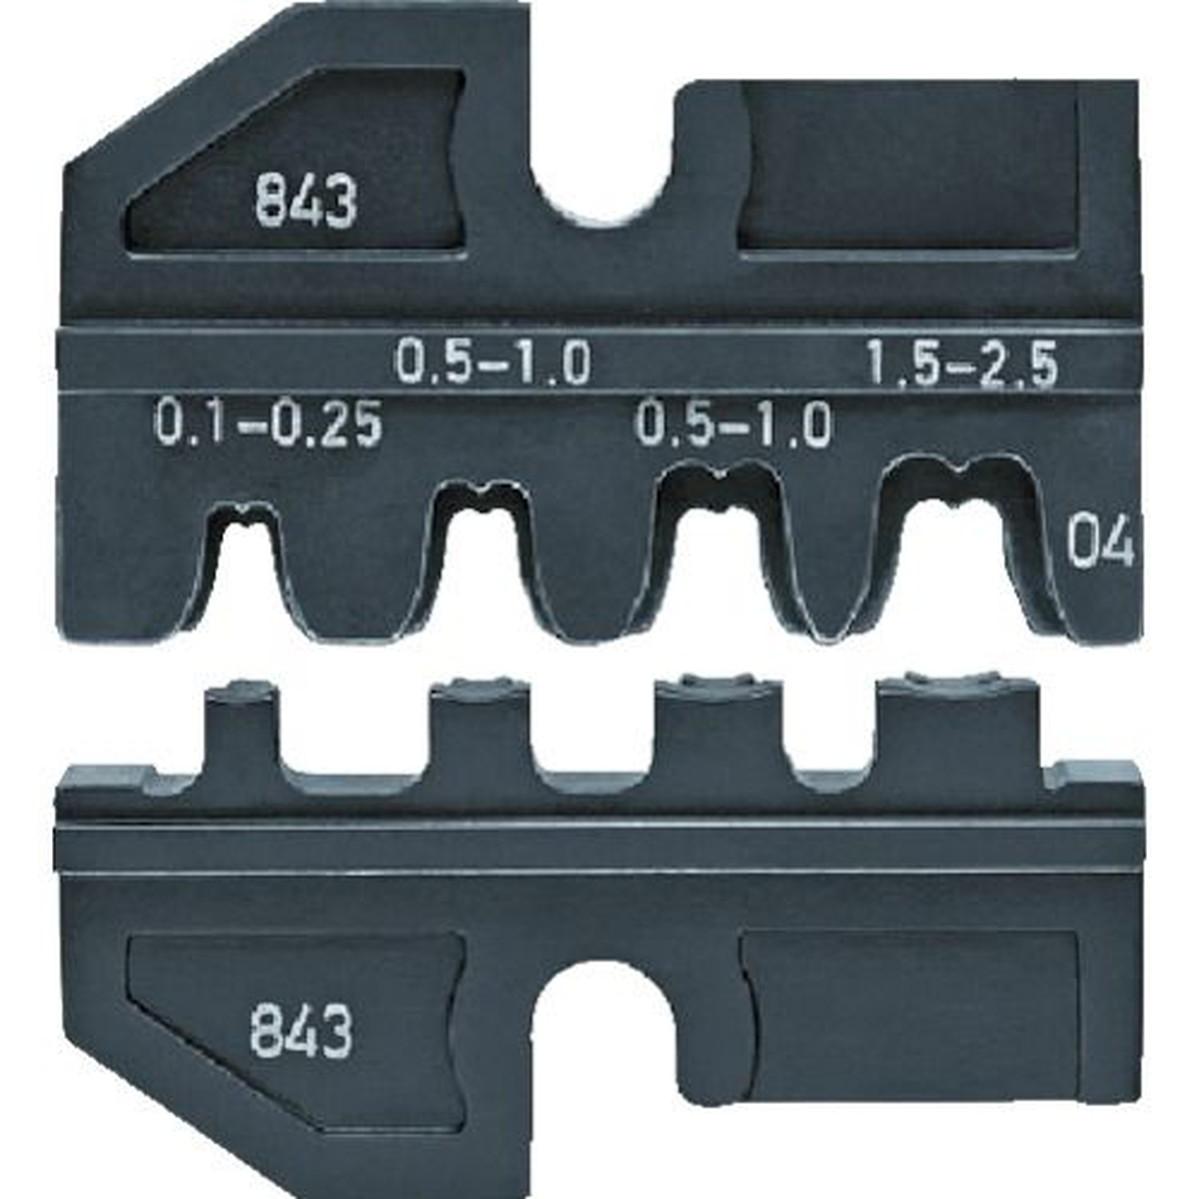 高品質の激安 KNIPEX 9739-06 9739−06 交換用ダイス(9733-01/9733-02用) KNIPEX 1S 1S, アンモライト研究所:8359ff45 --- independentescortsdelhi.in